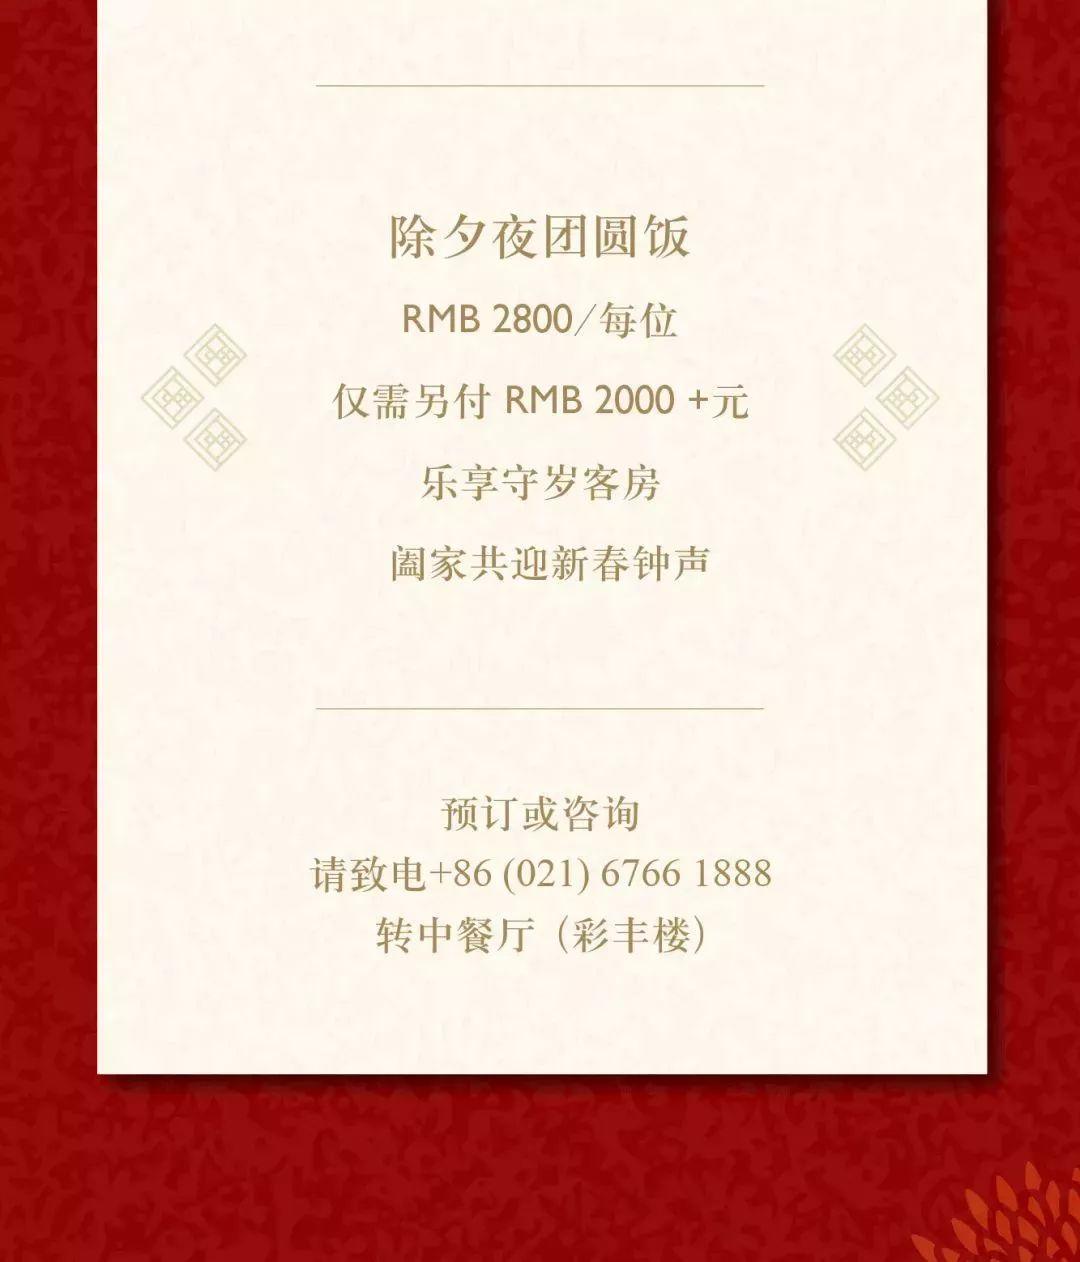 2019上海松江区酒店年夜饭预订指南